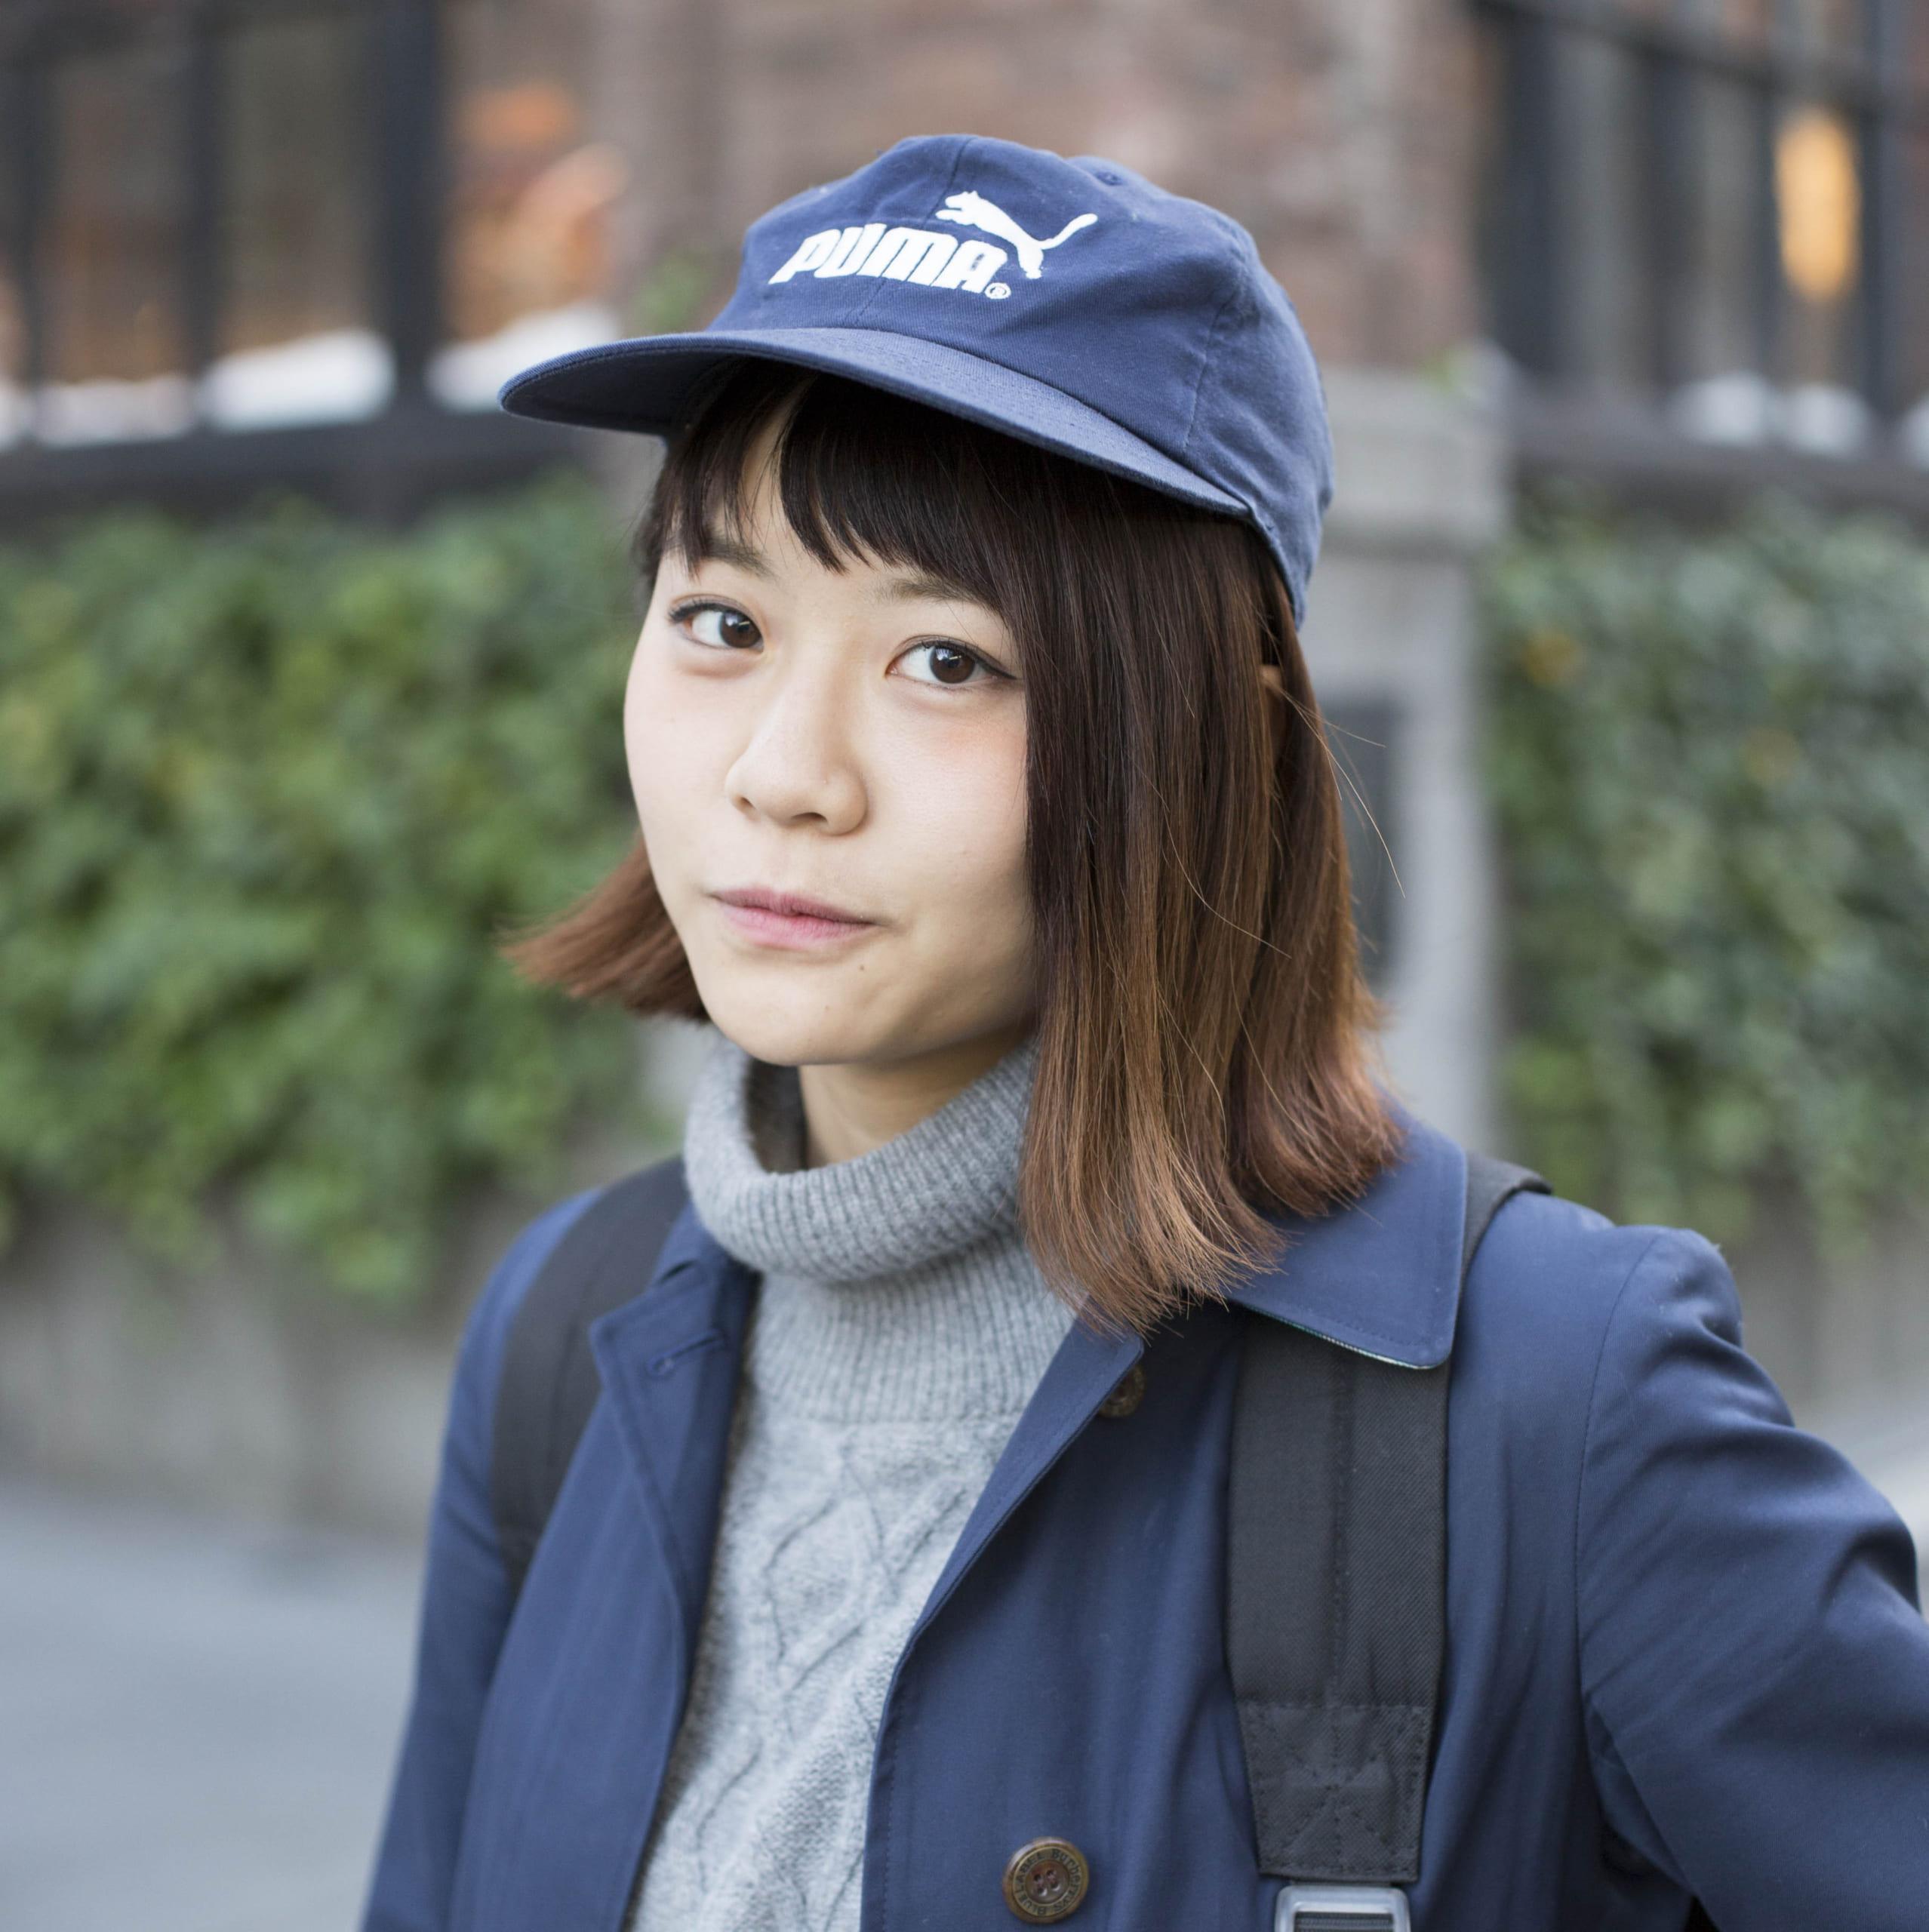 【女子SNAP】SJ美女図鑑<br />北澤香穂さん・駒澤大学